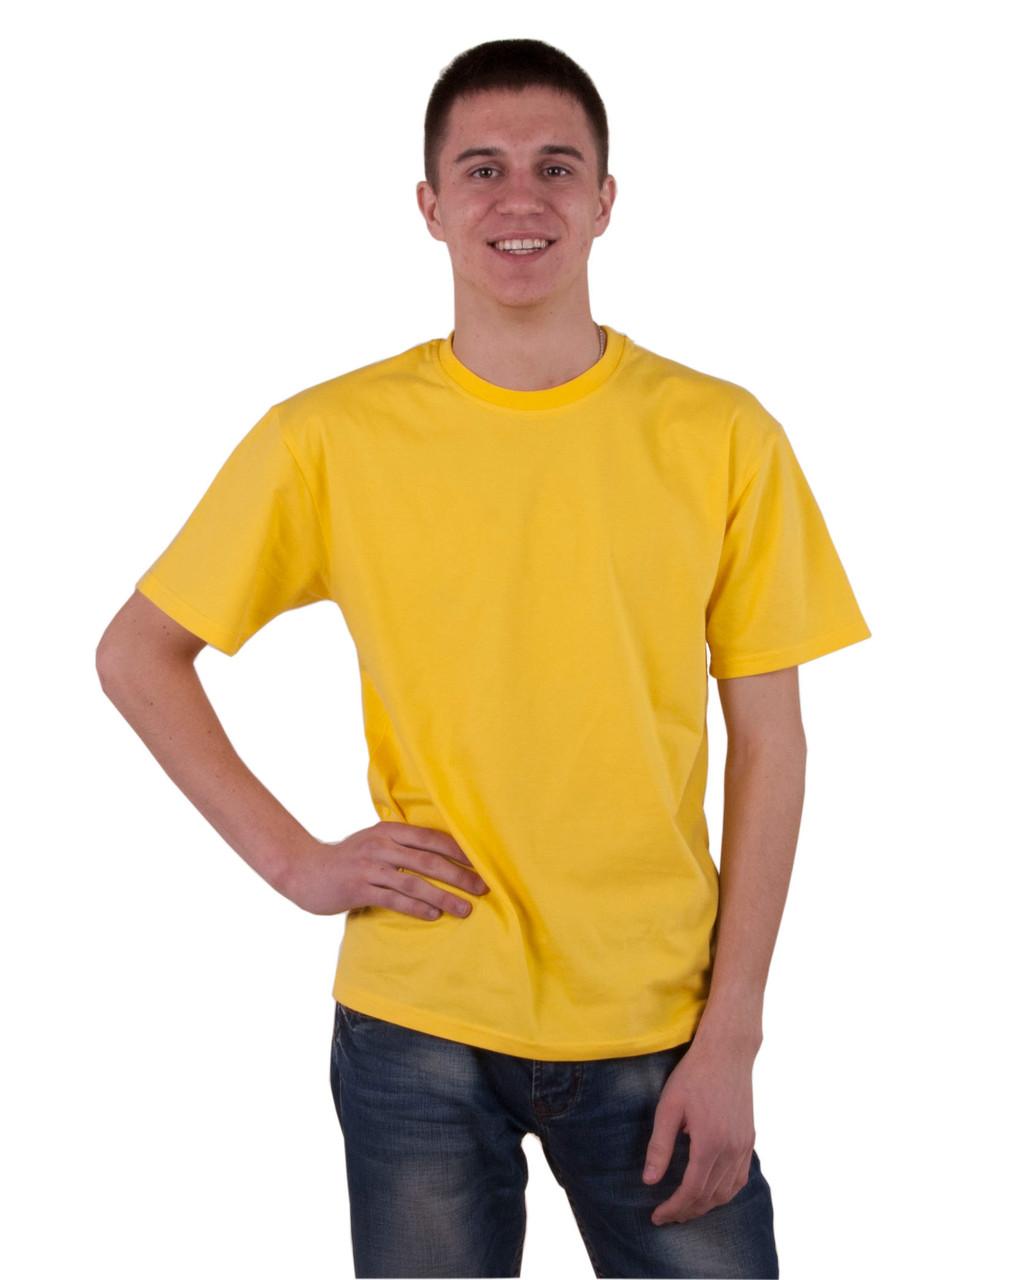 Мужская футболка желтая хлопок 000133